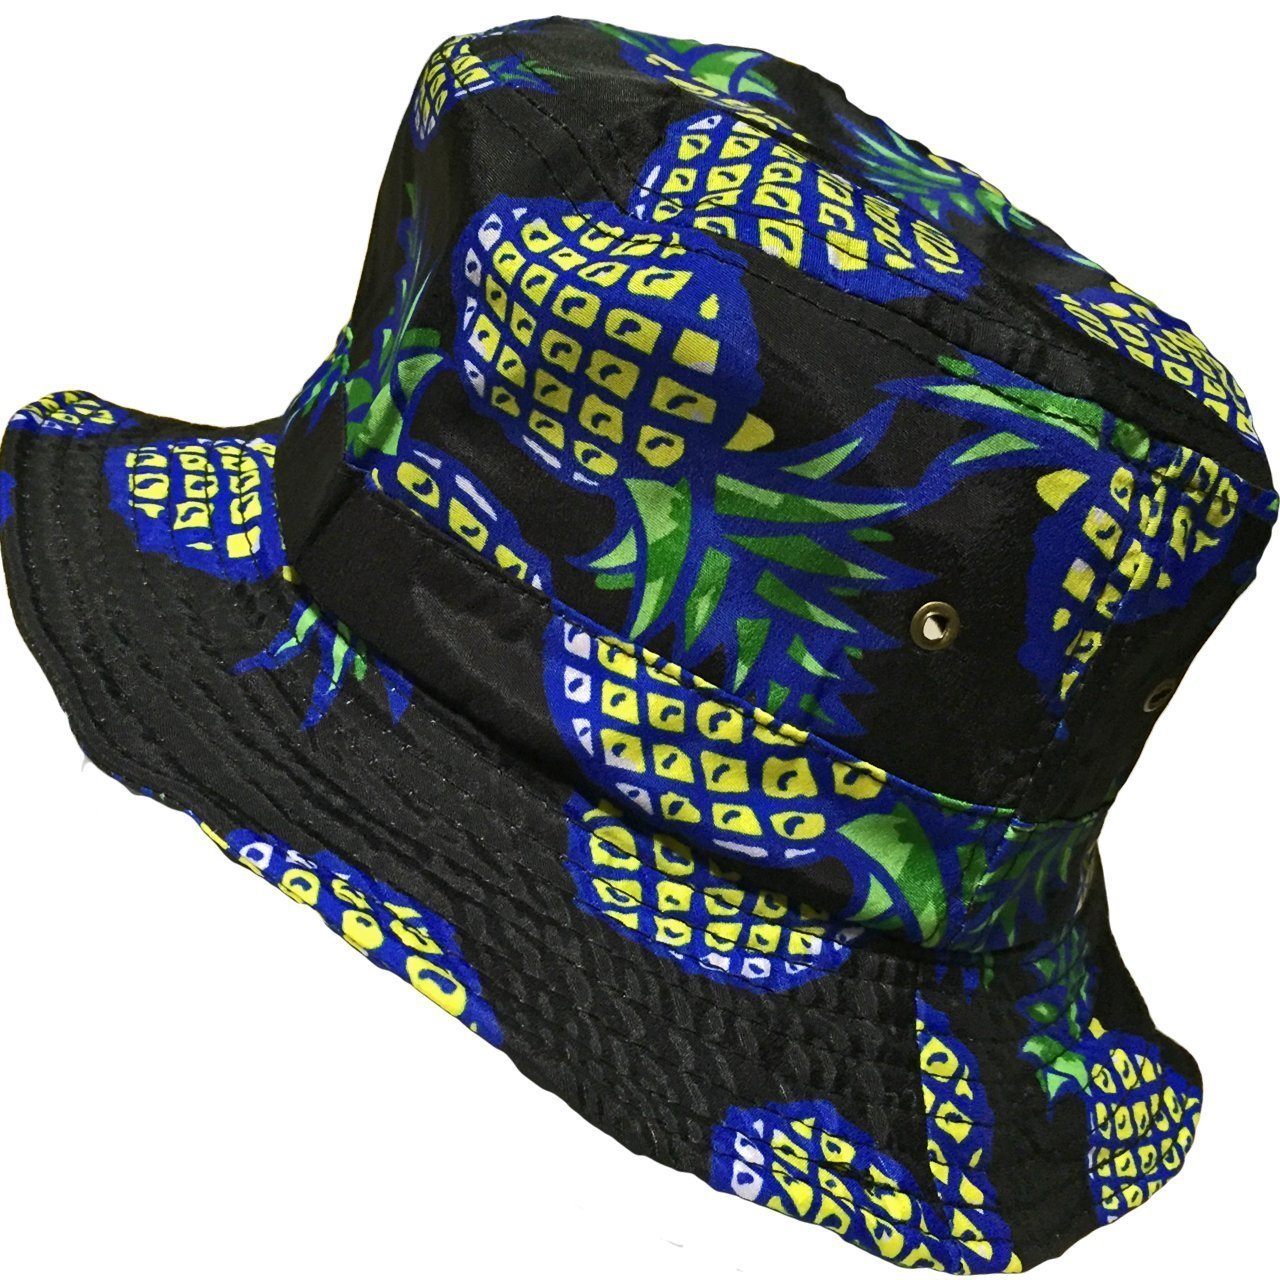 Vi.yo 1 Unids Piña Cubo Sombrero Encantador Gorro de Fruta Para La Playa de Vacaciones Escalada Pesca Al Aire Libre de Viaje